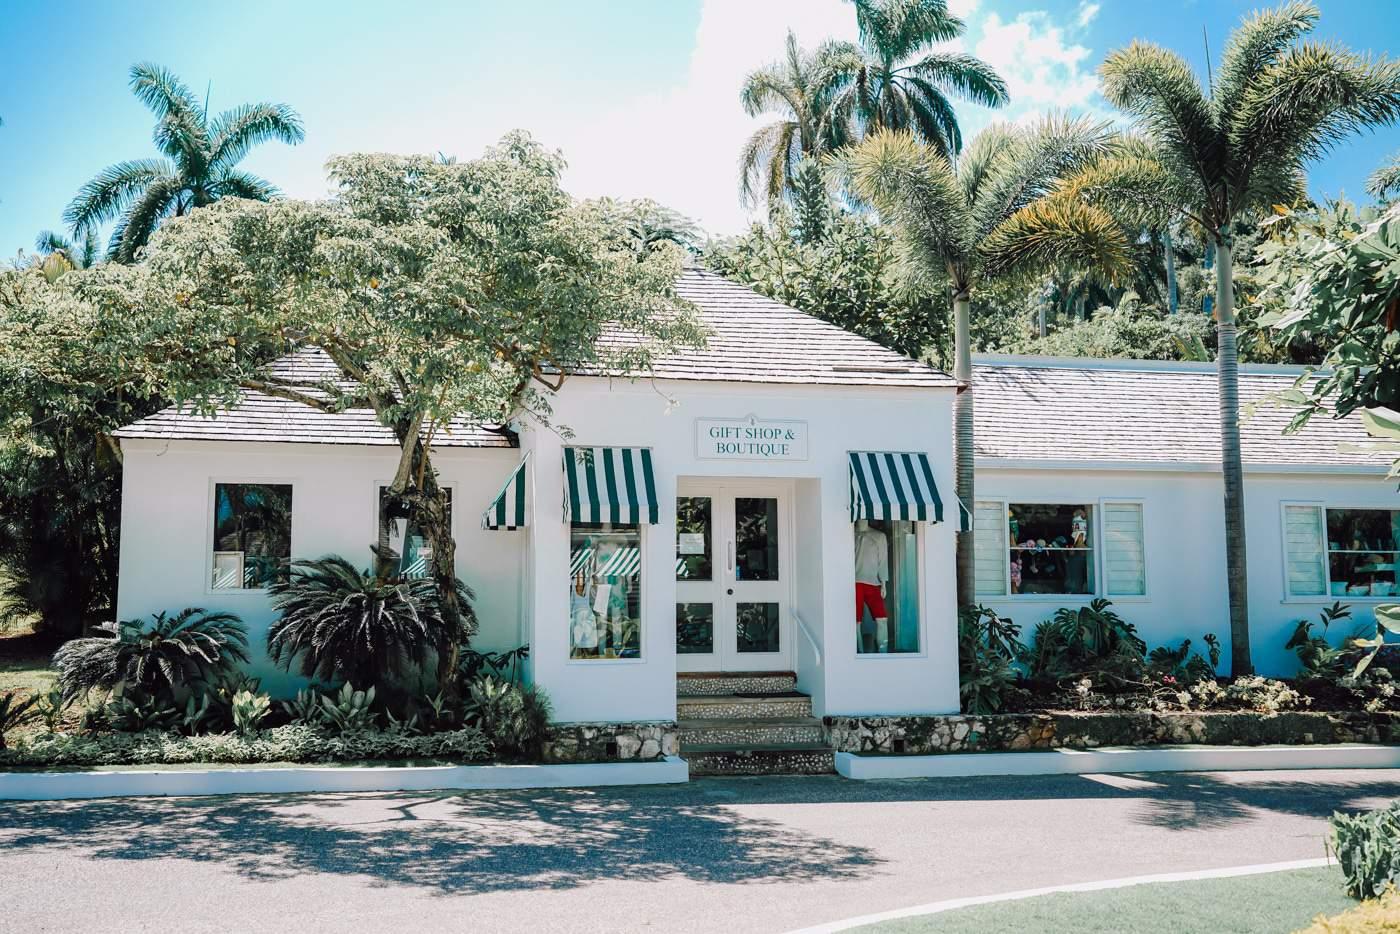 Round Hill Resort Gift Shop